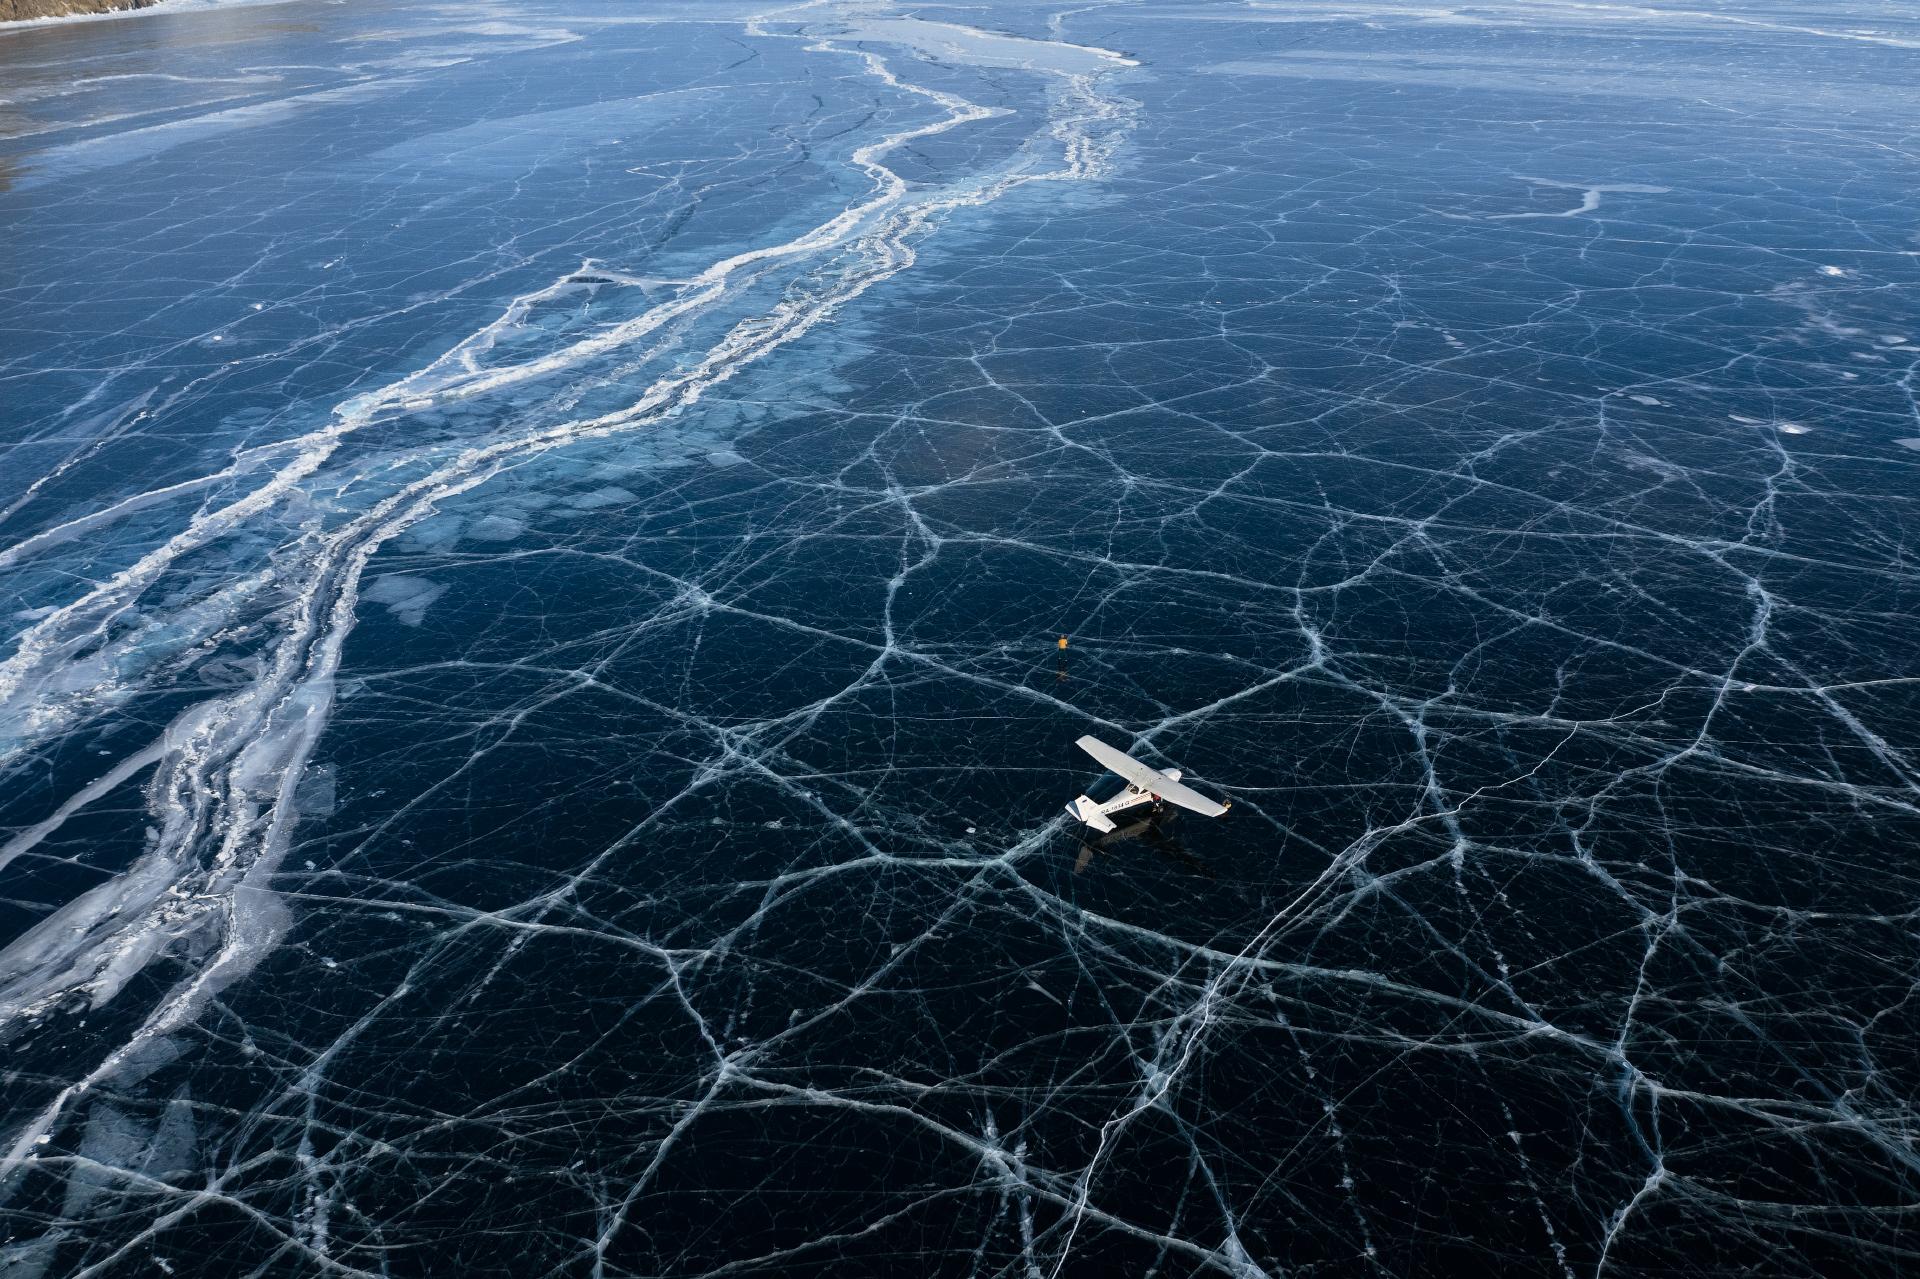 Лёд мог оказаться слишком тонким или неровным